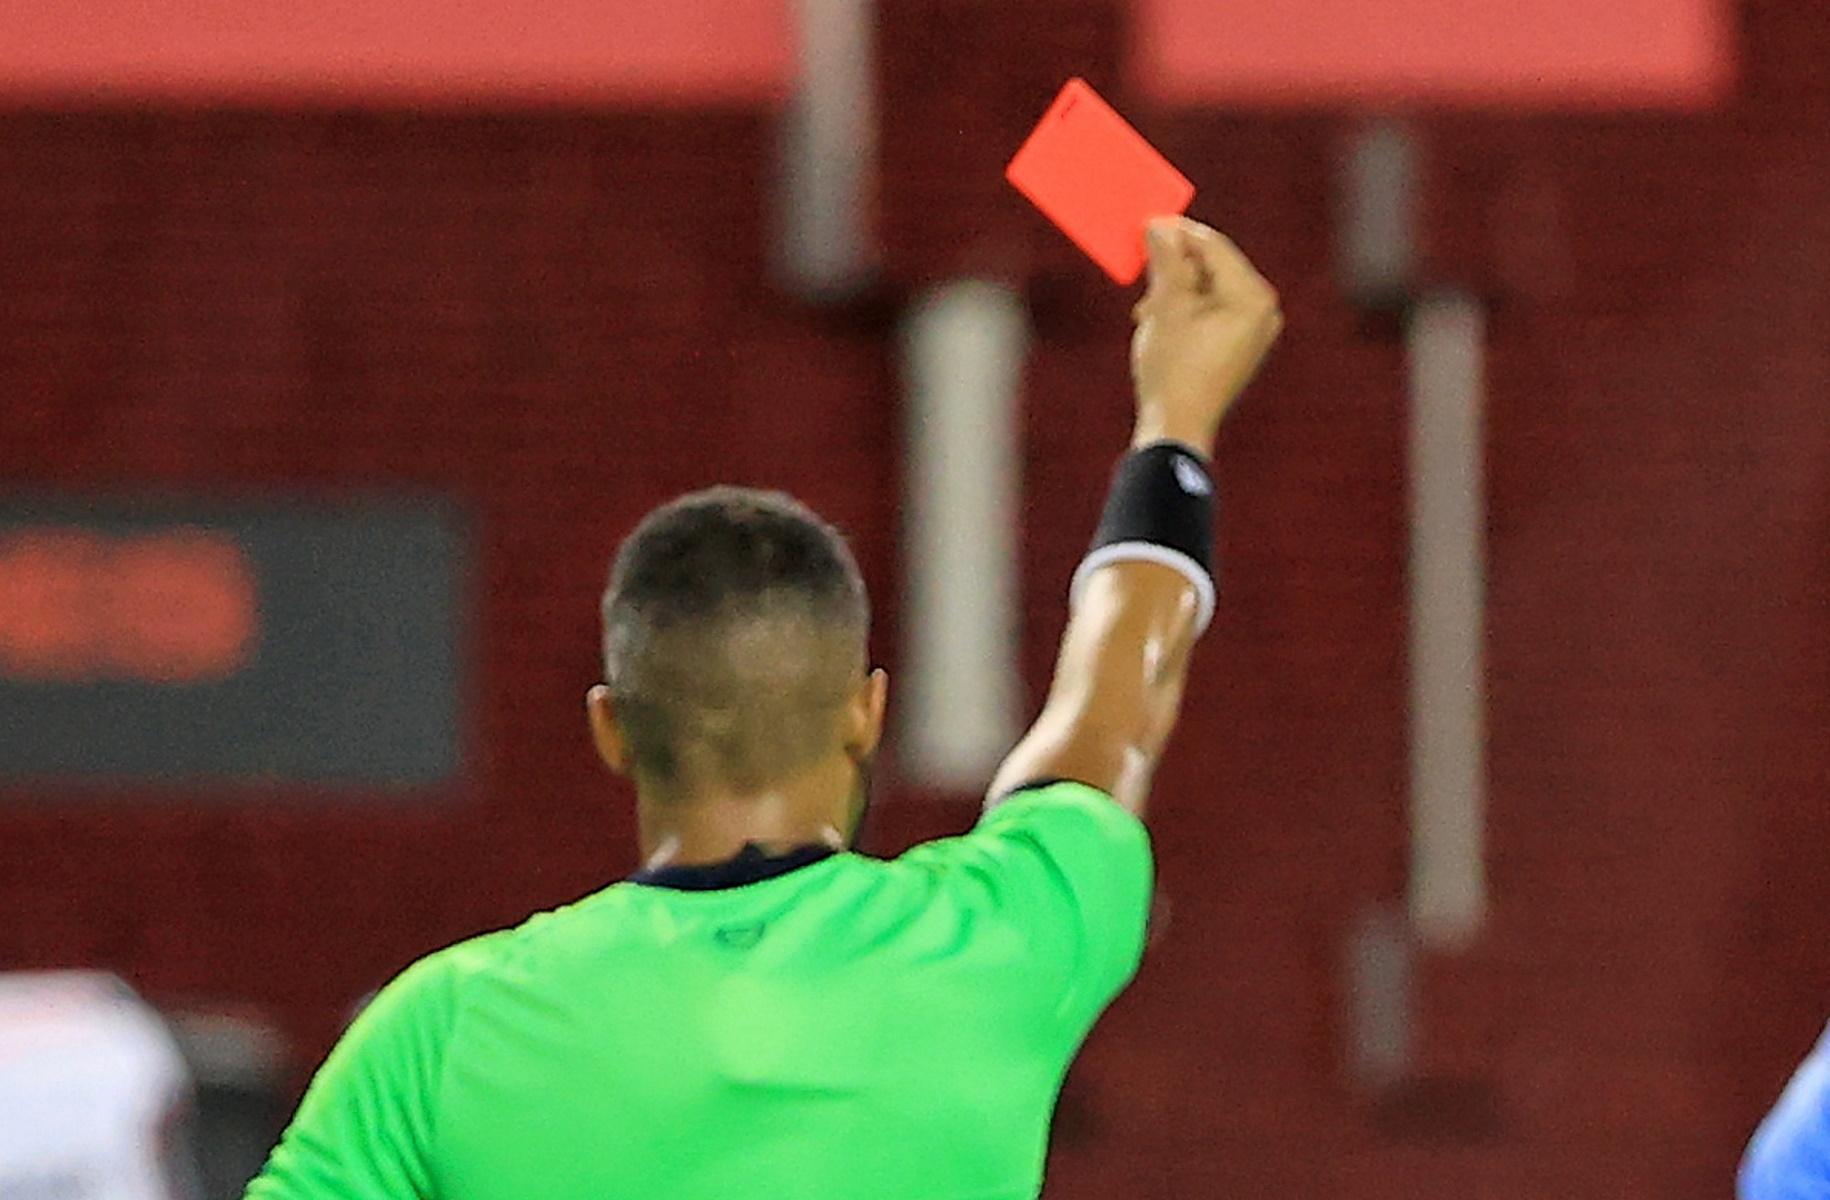 Η κόκκινη κάρτα «προκάλεσε» αντιαθλητικό χτύπημα και αποκλεισμό 48 αγωνιστικών